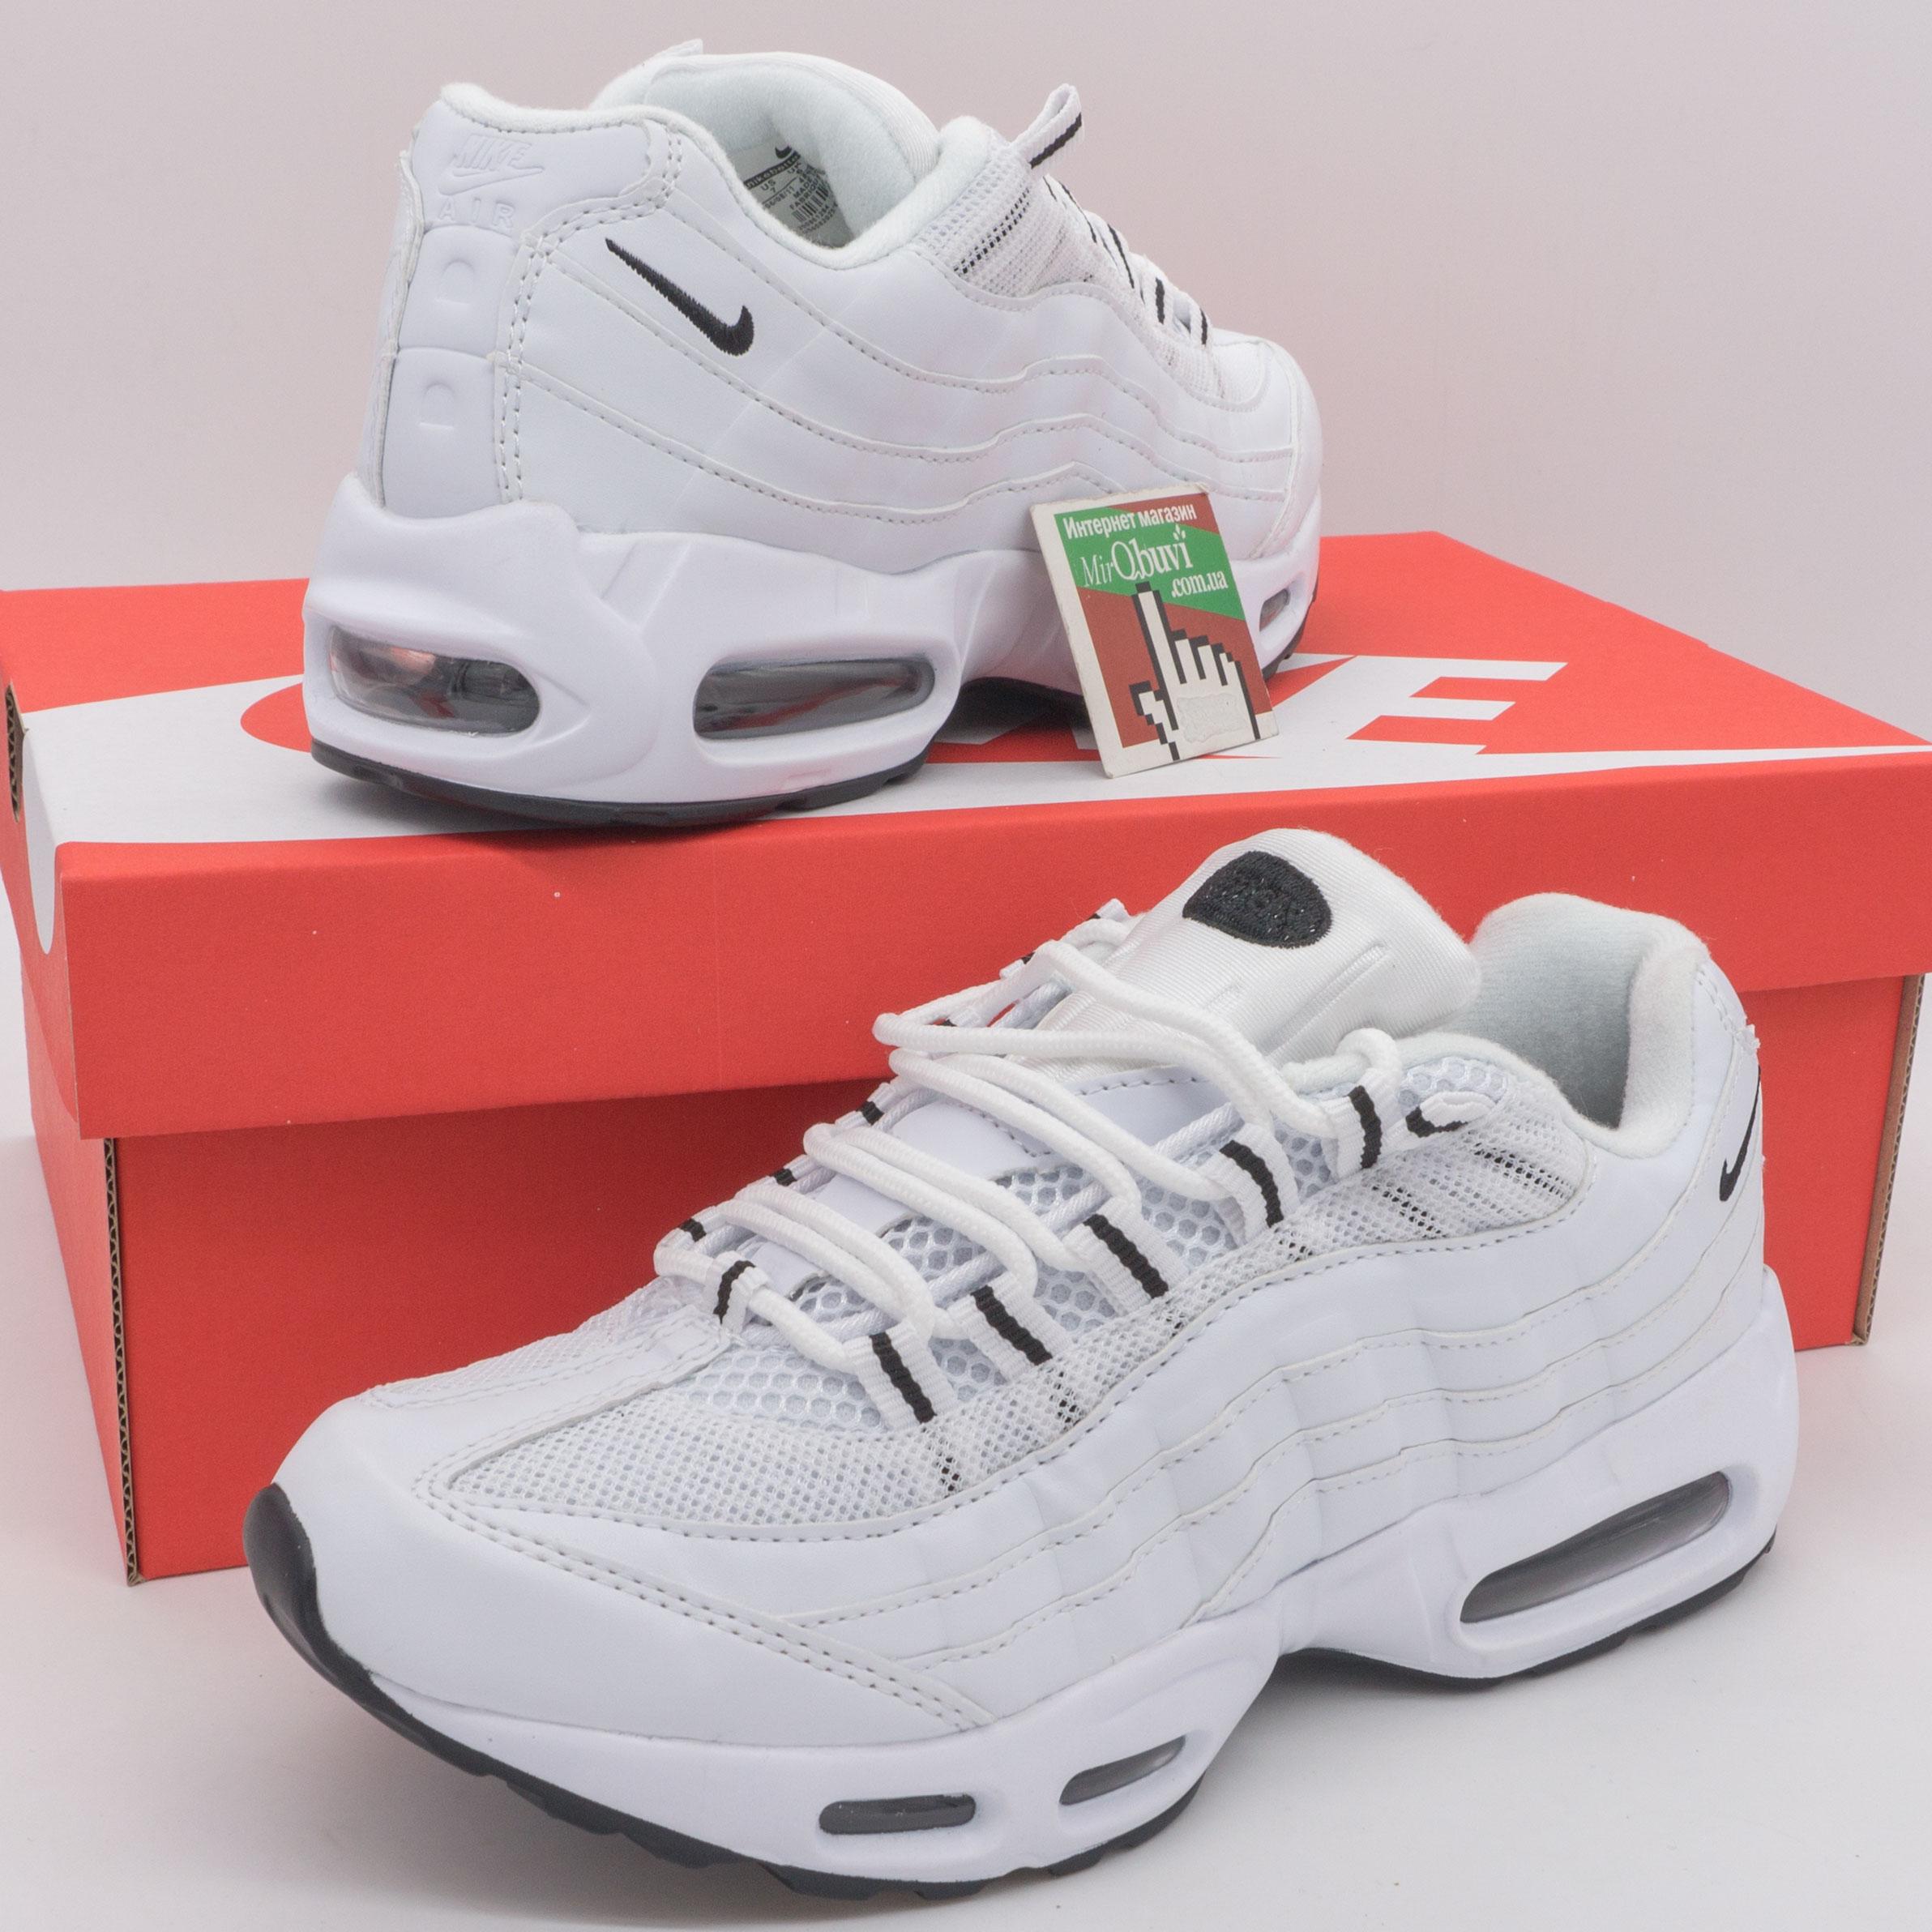 большое фото №5 Кроссовки Nike air max 95 полностью белые